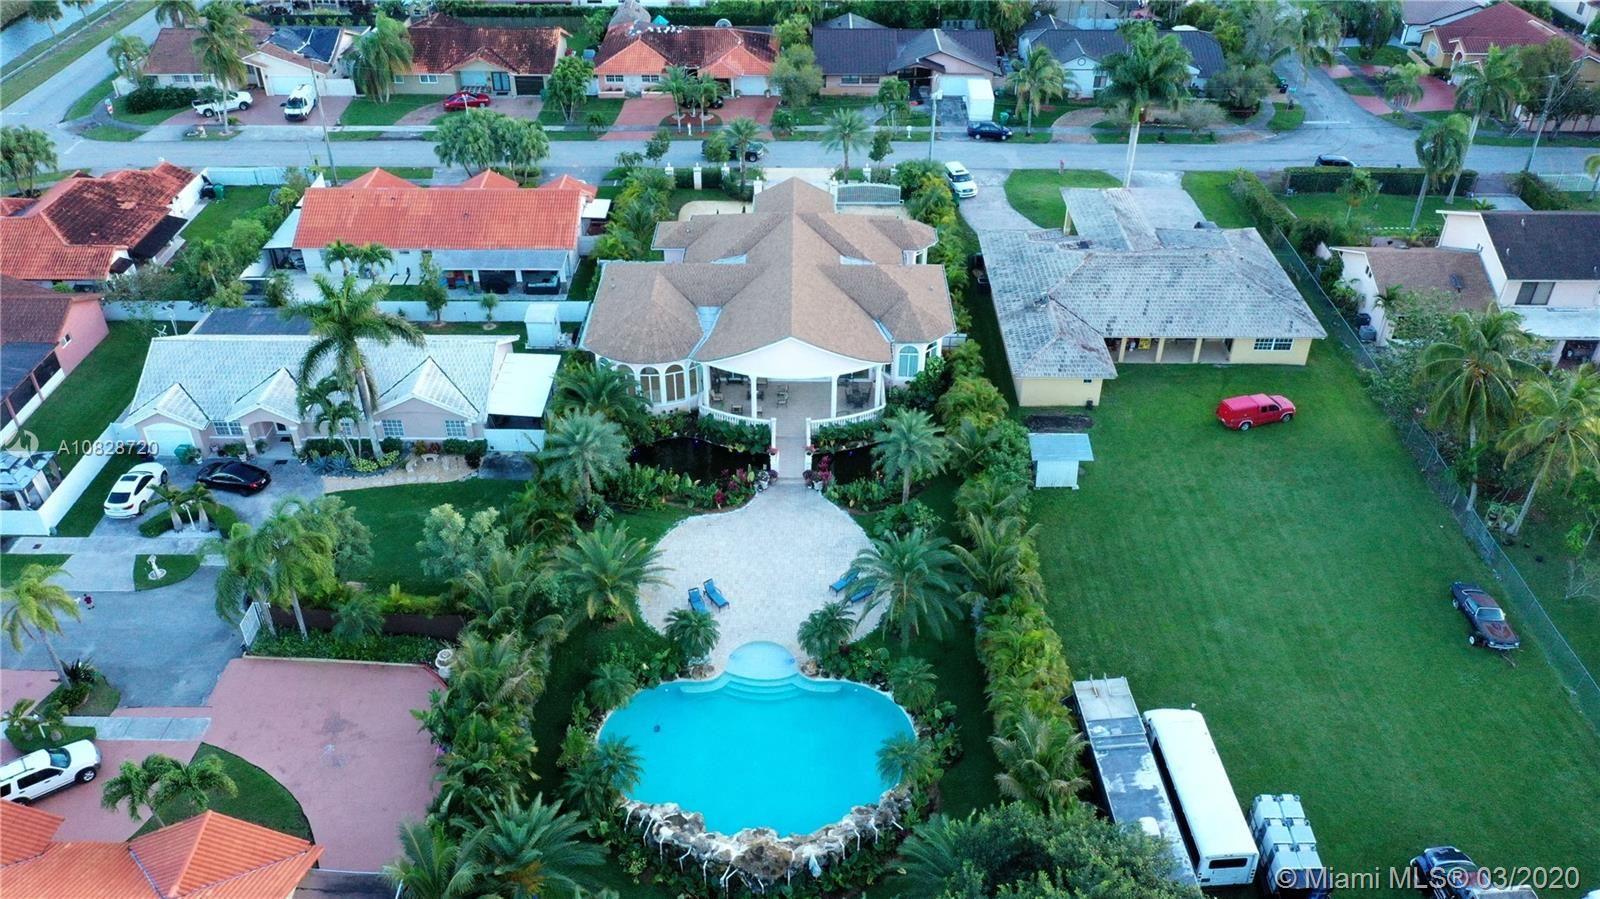 13255 SW 36th St, Miami, FL 33175 - MLS#: A10828720